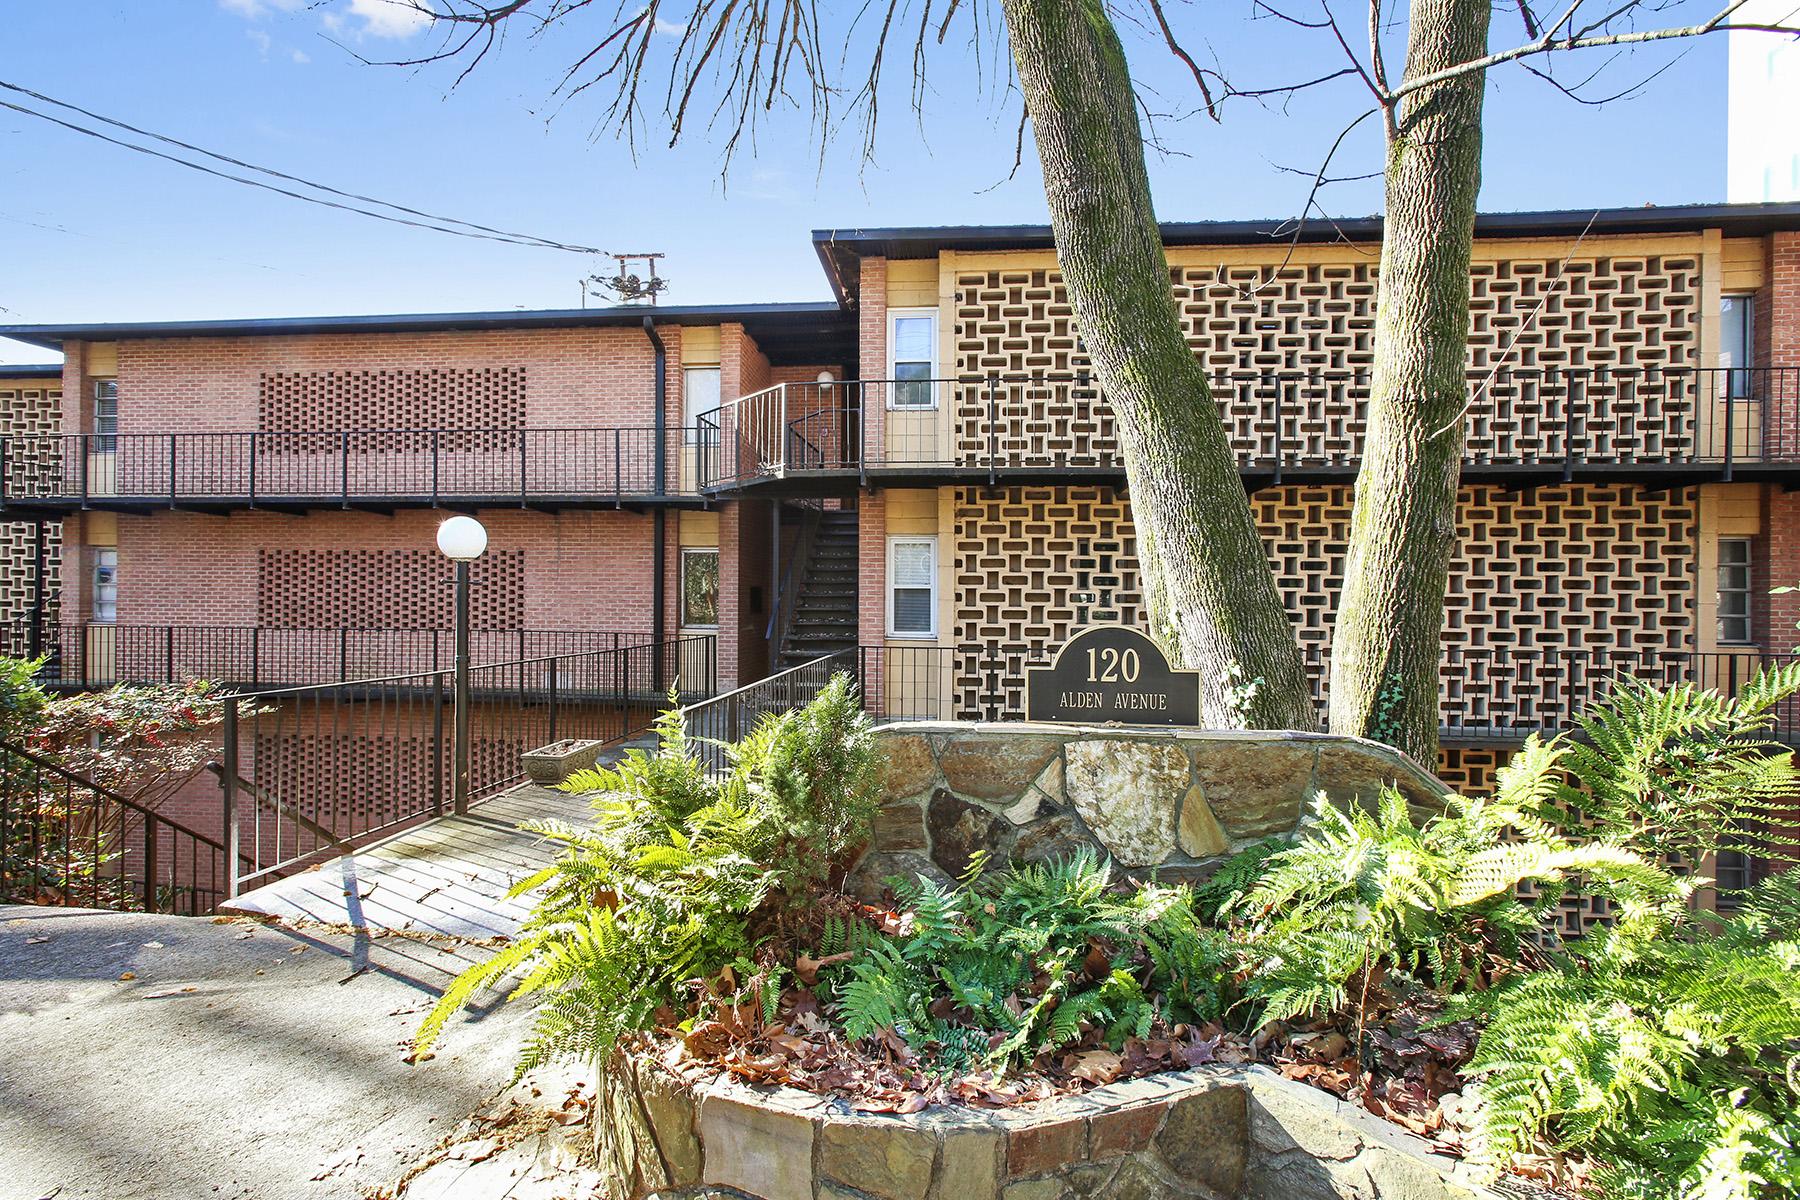 Condominium for Sale at Charming Mid-Century Condominium in Prime Location 120 Alden Ave C4 Atlanta, Georgia 30309 United States